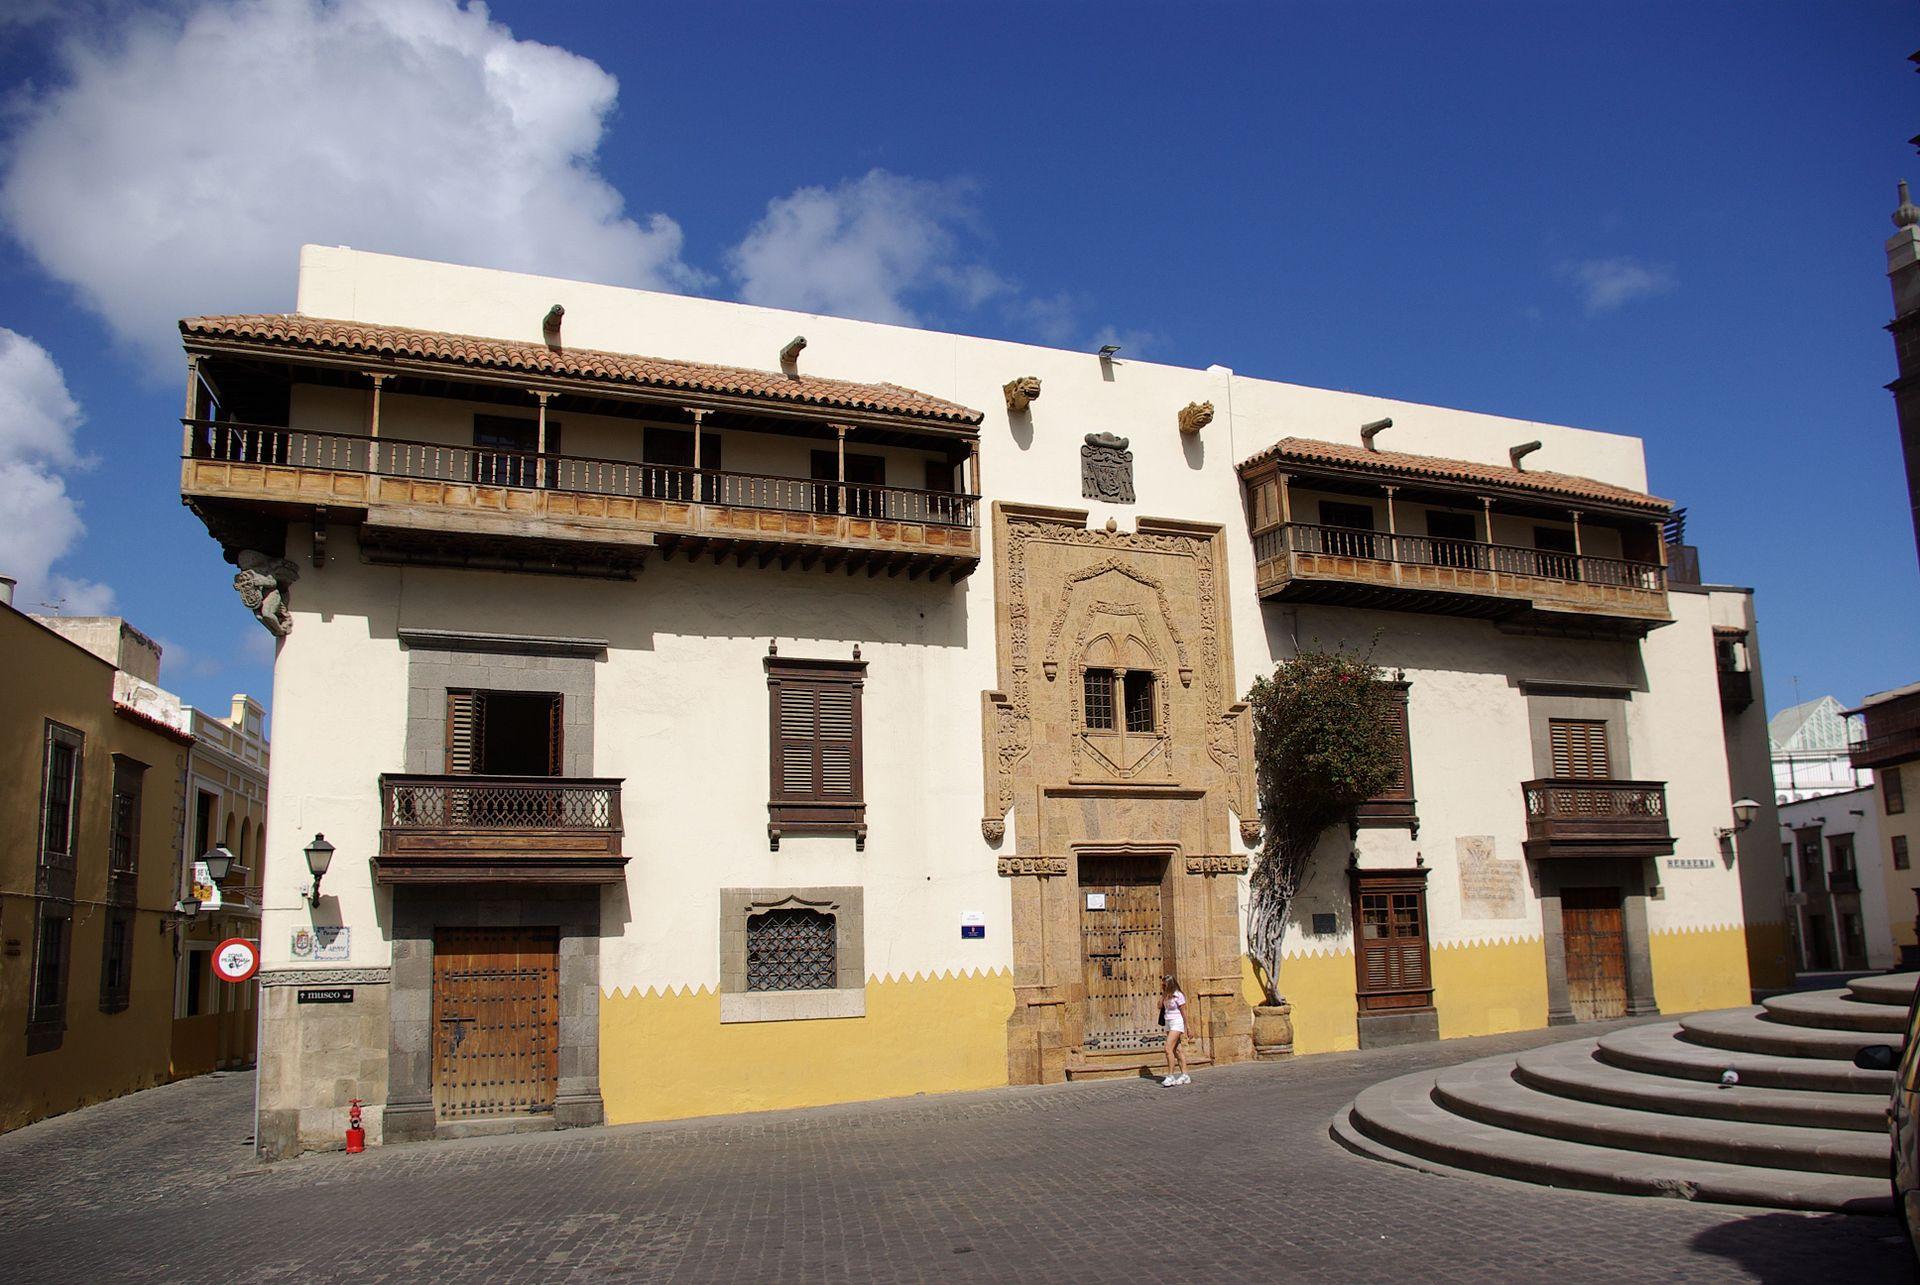 Casa de col n las palmas de gran canaria wikipedia la enciclopedia libre - Apartamentos puerto rico las palmas ...